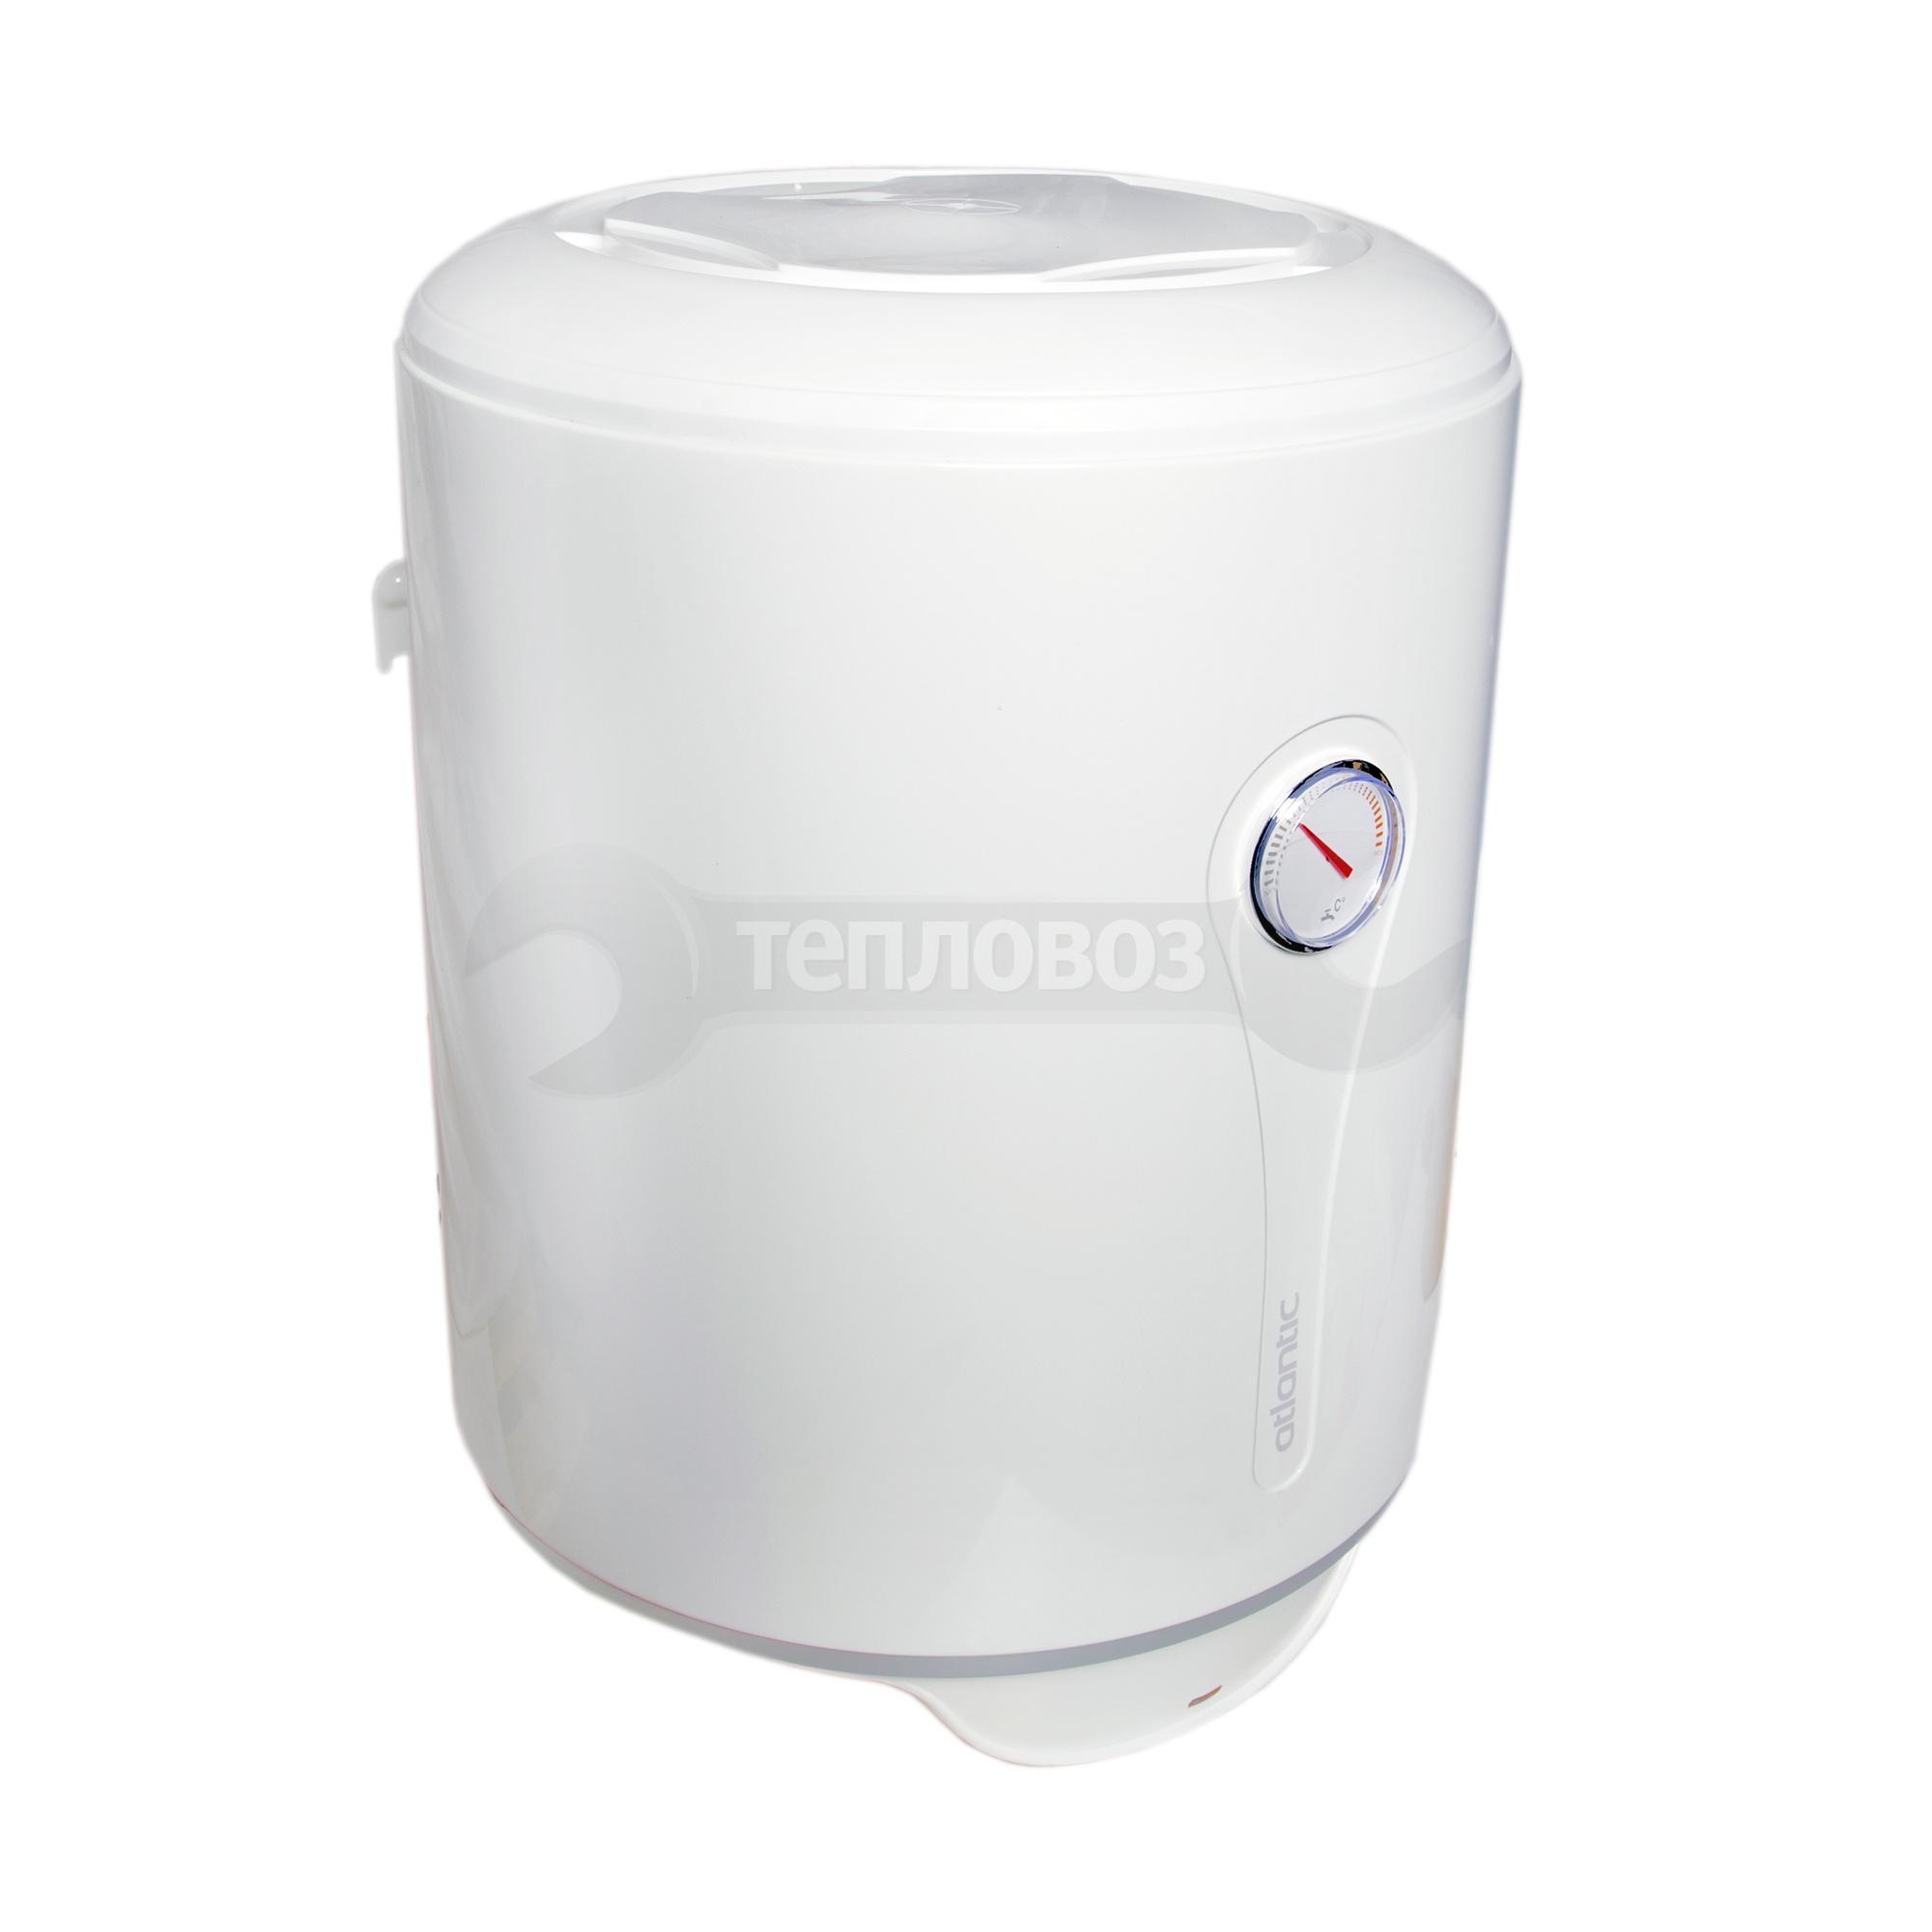 Купить Atlantic EGO VM 50 D400-1-М вертикальный 50 л в интернет-магазине Дождь